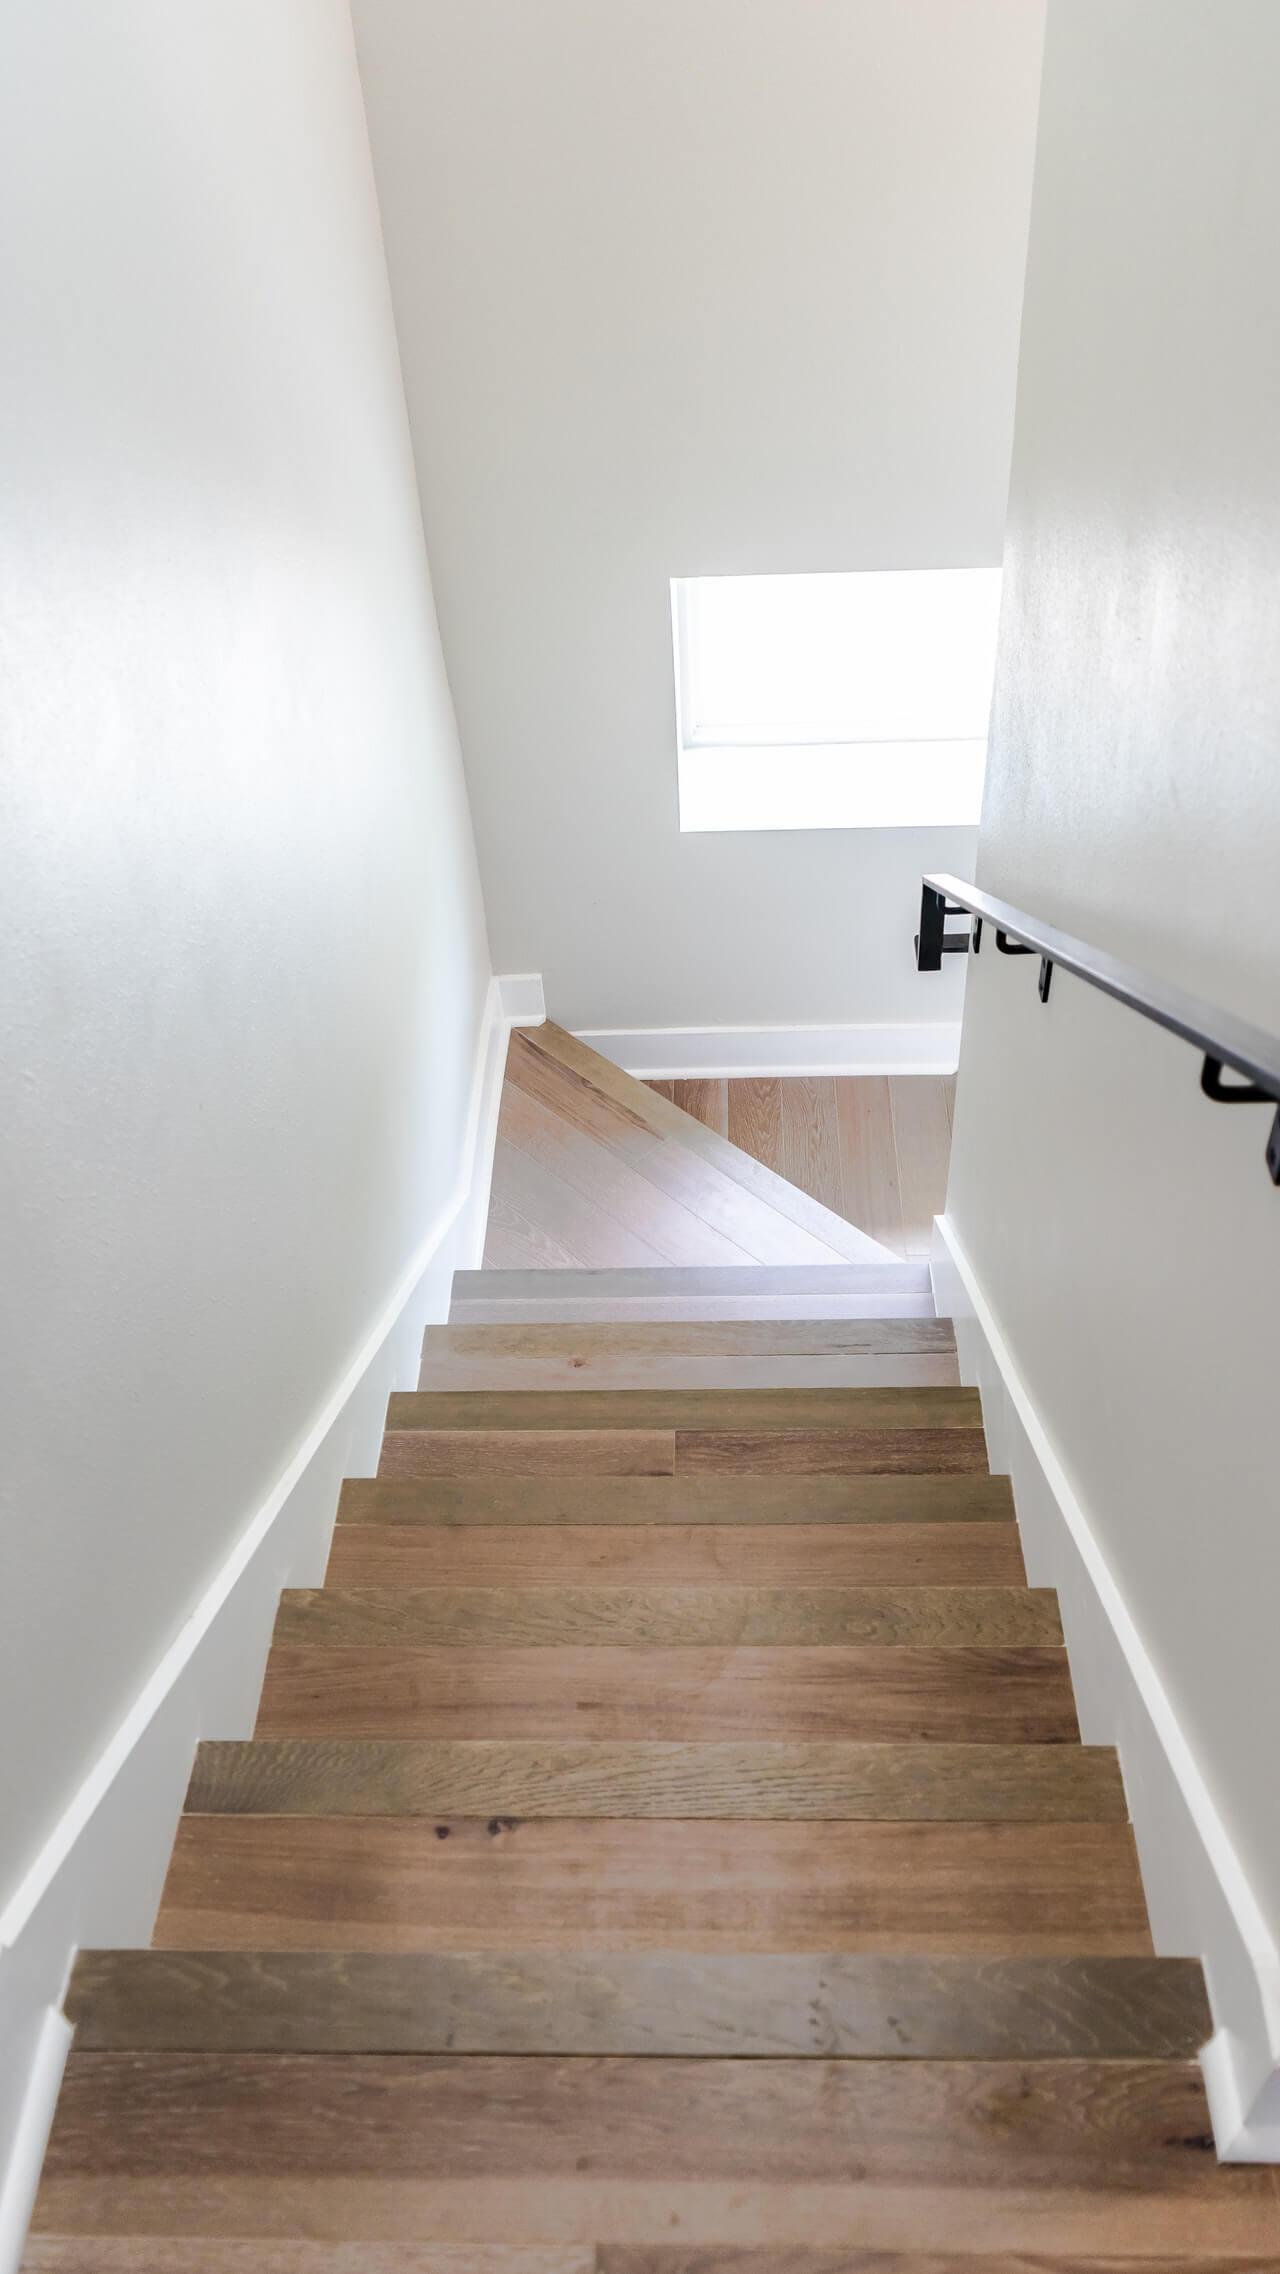 Maak een trap veilig